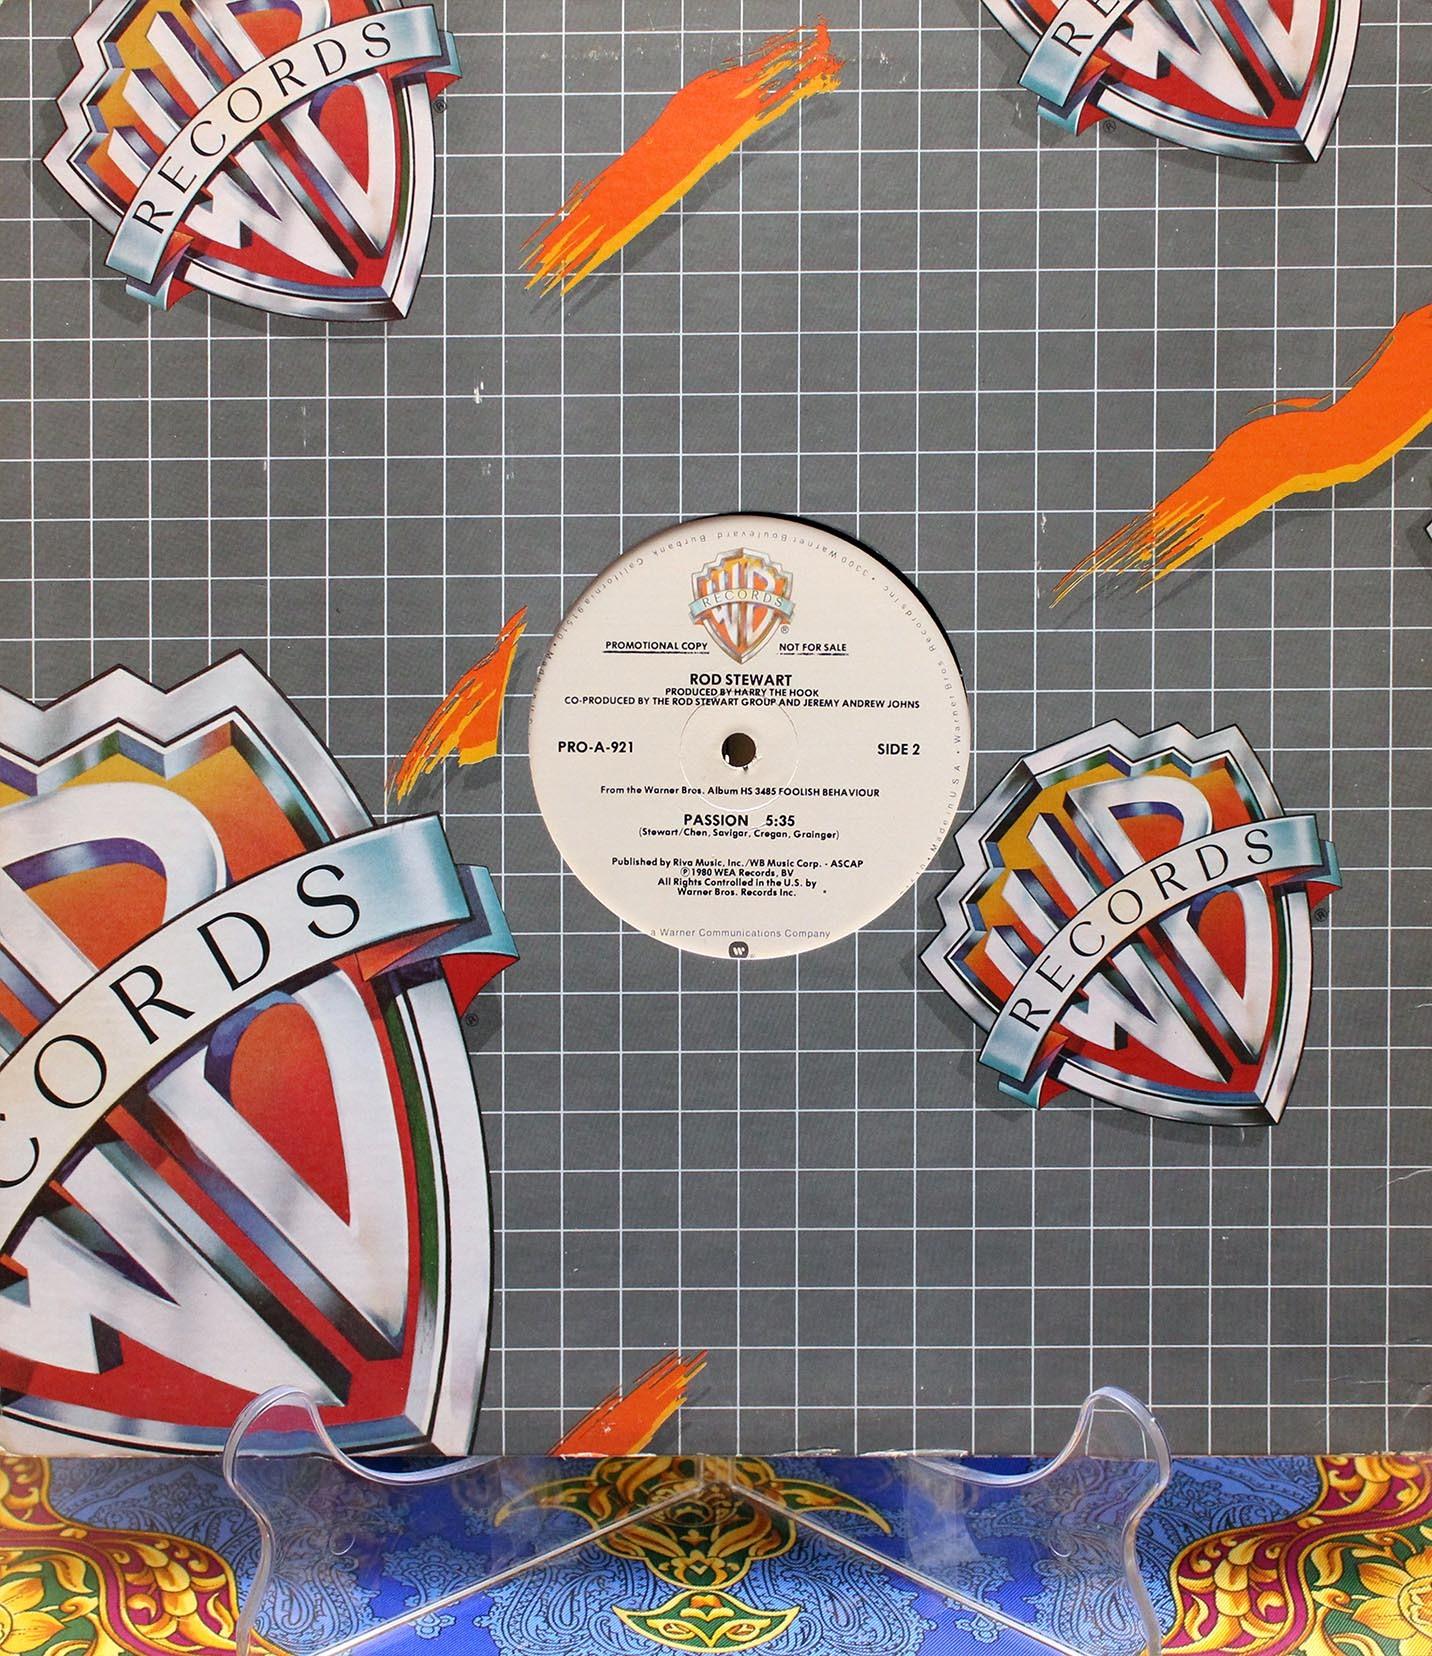 Rod Stewart – Passion 02